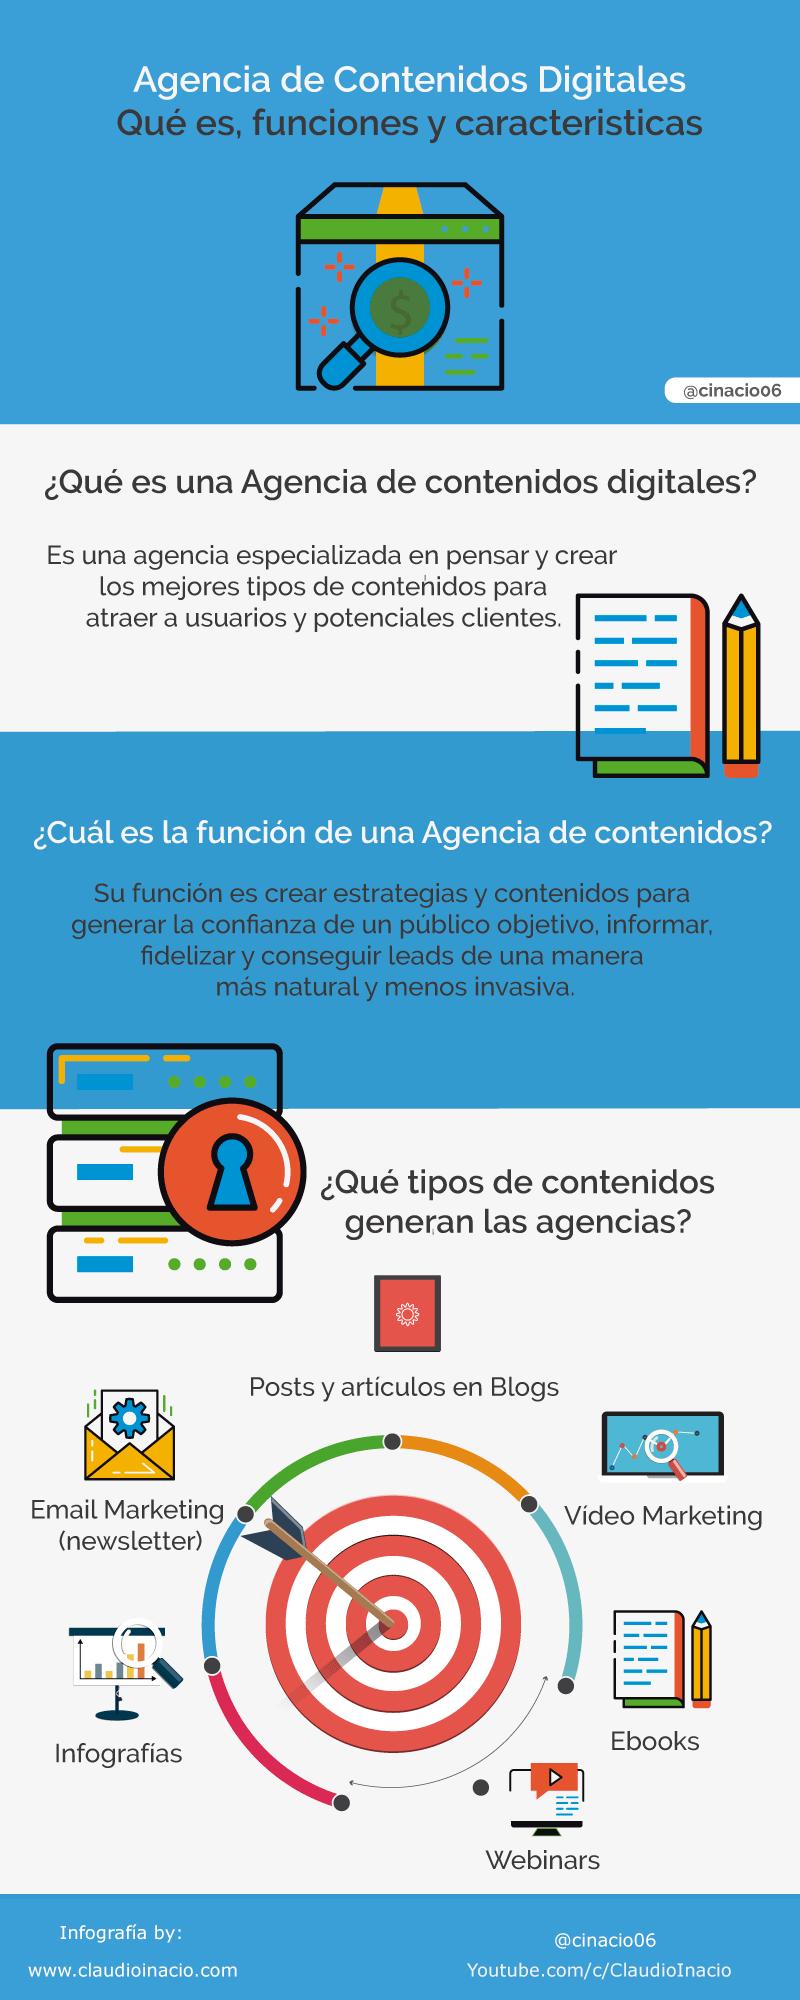 infografia que es una agencia de contenidos digitales